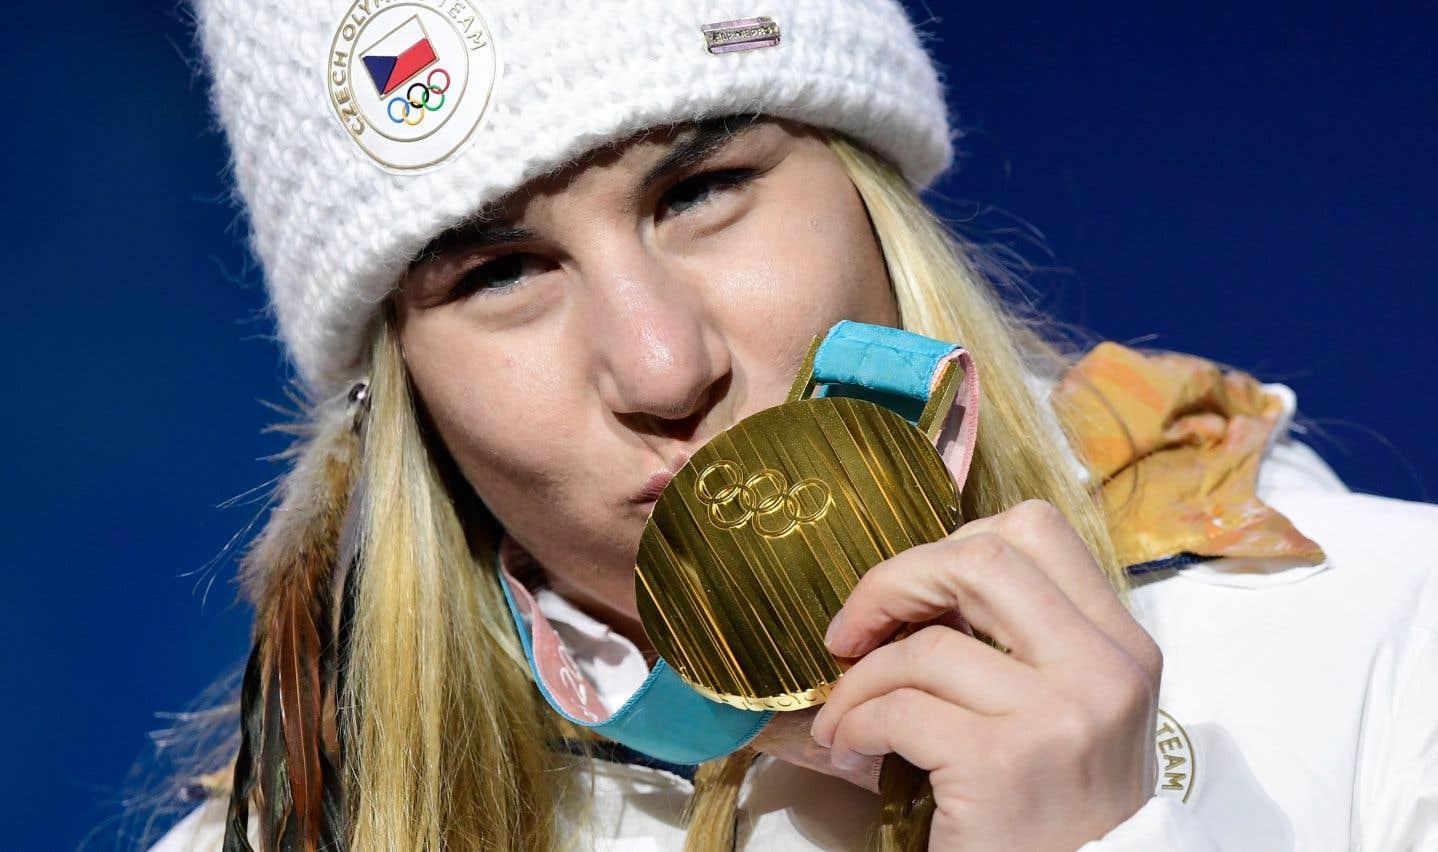 Ester Ledecka